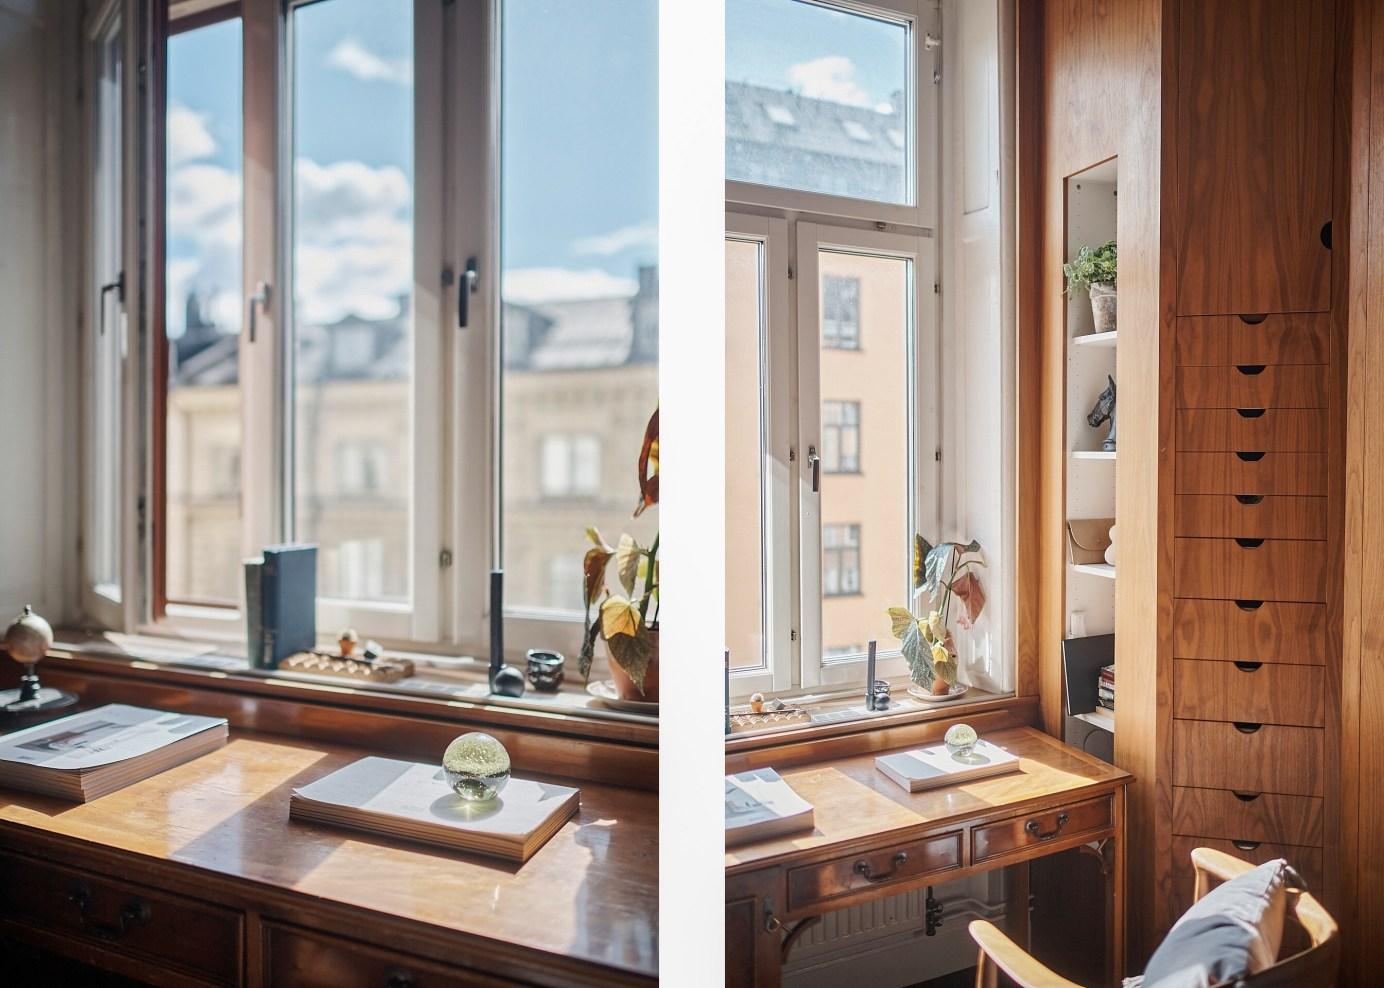 window wooden sill desk